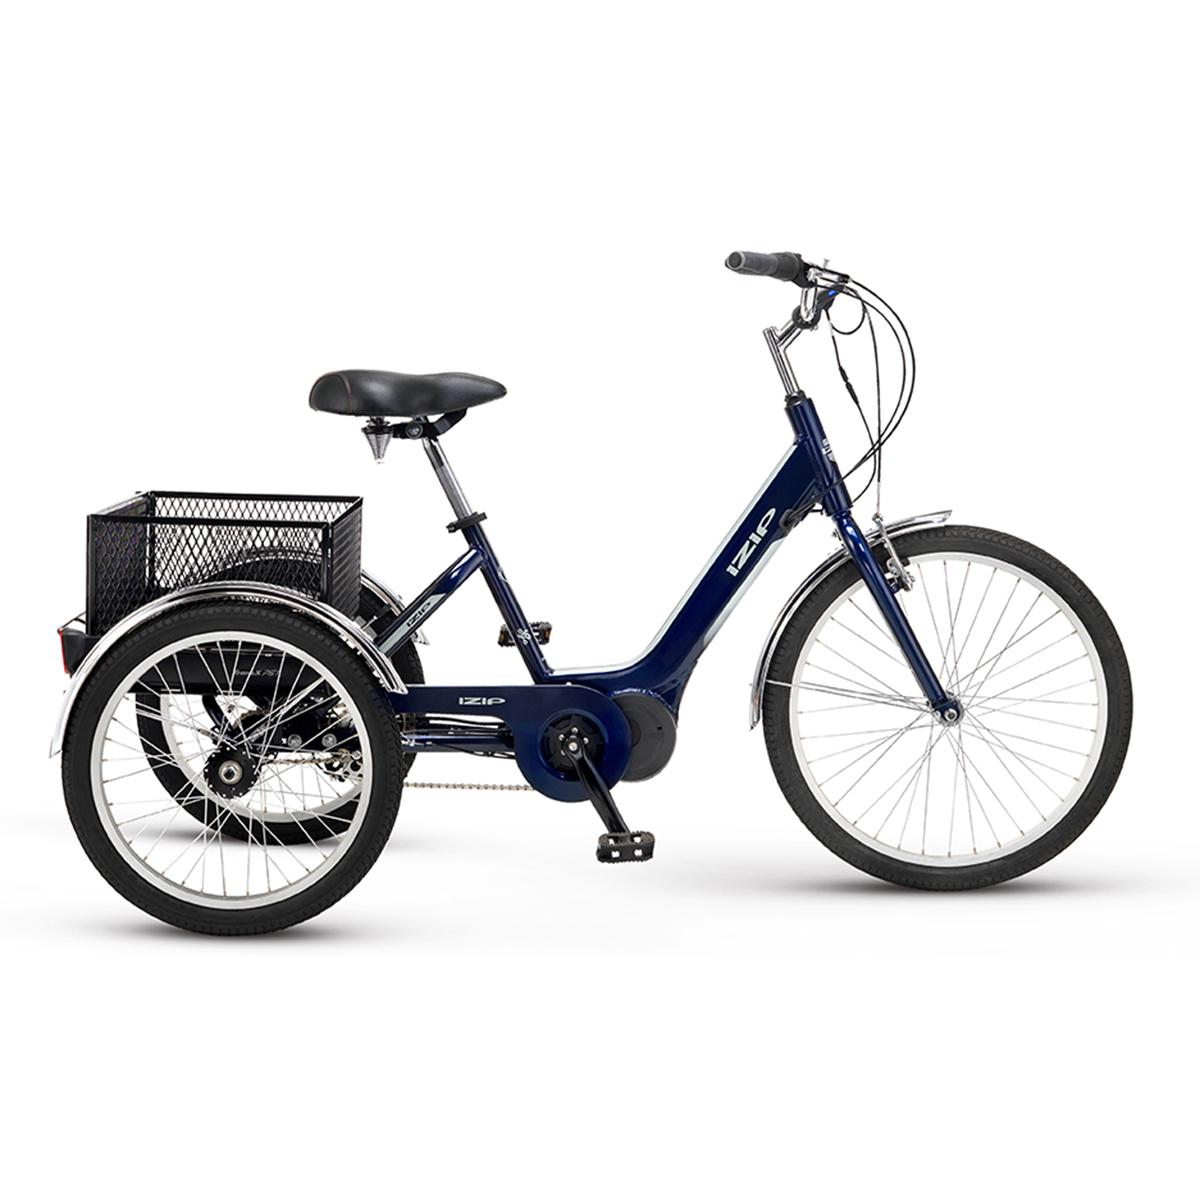 Izip E3 Go Bike